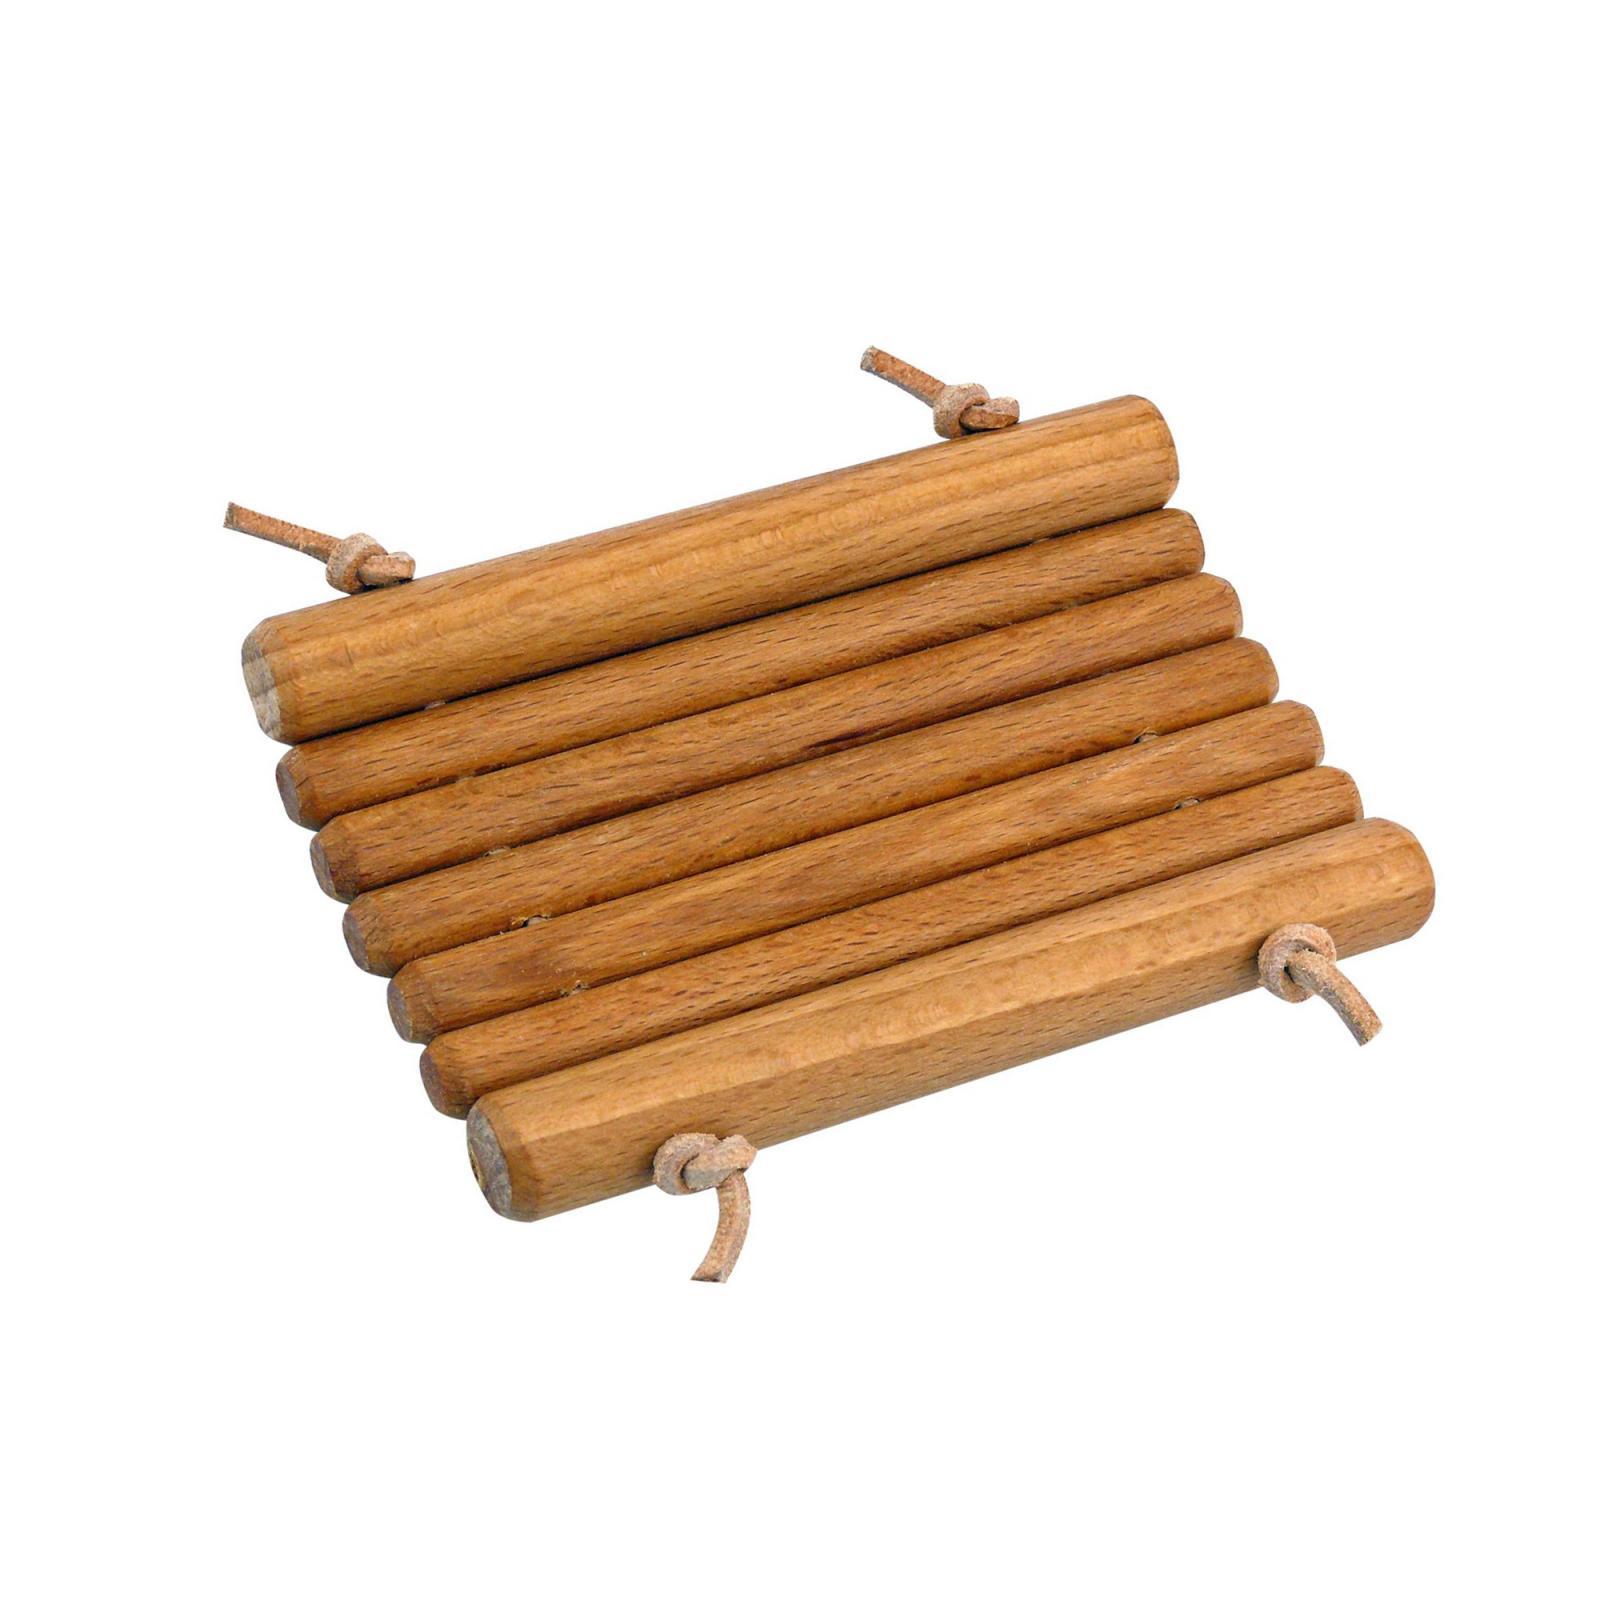 Redecker Mýdlenka z bukového dřeva s koženým provázkem 1 ks